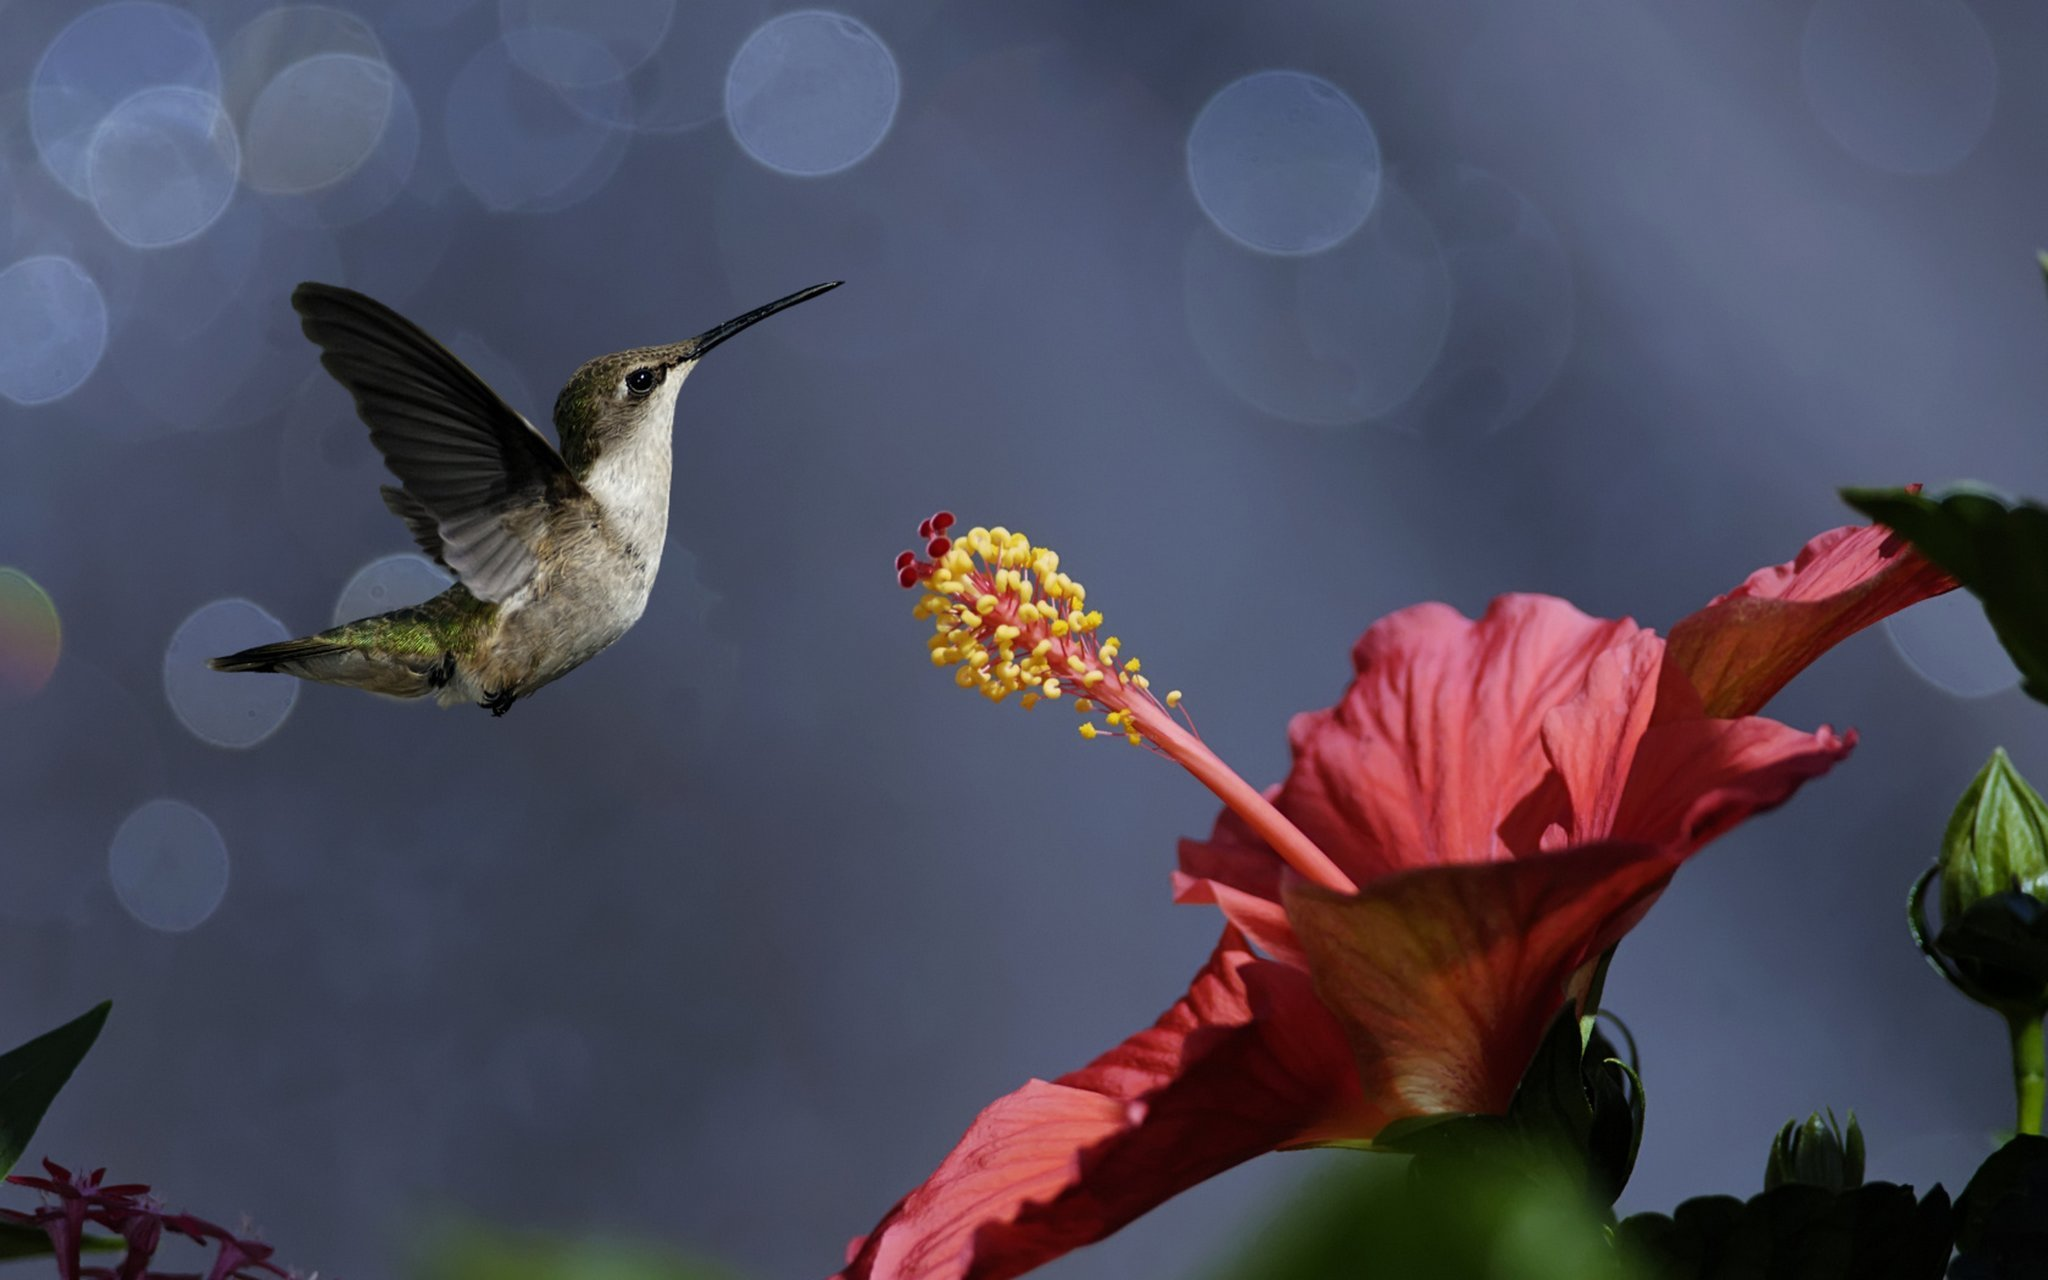 колибри самая маленькая птица